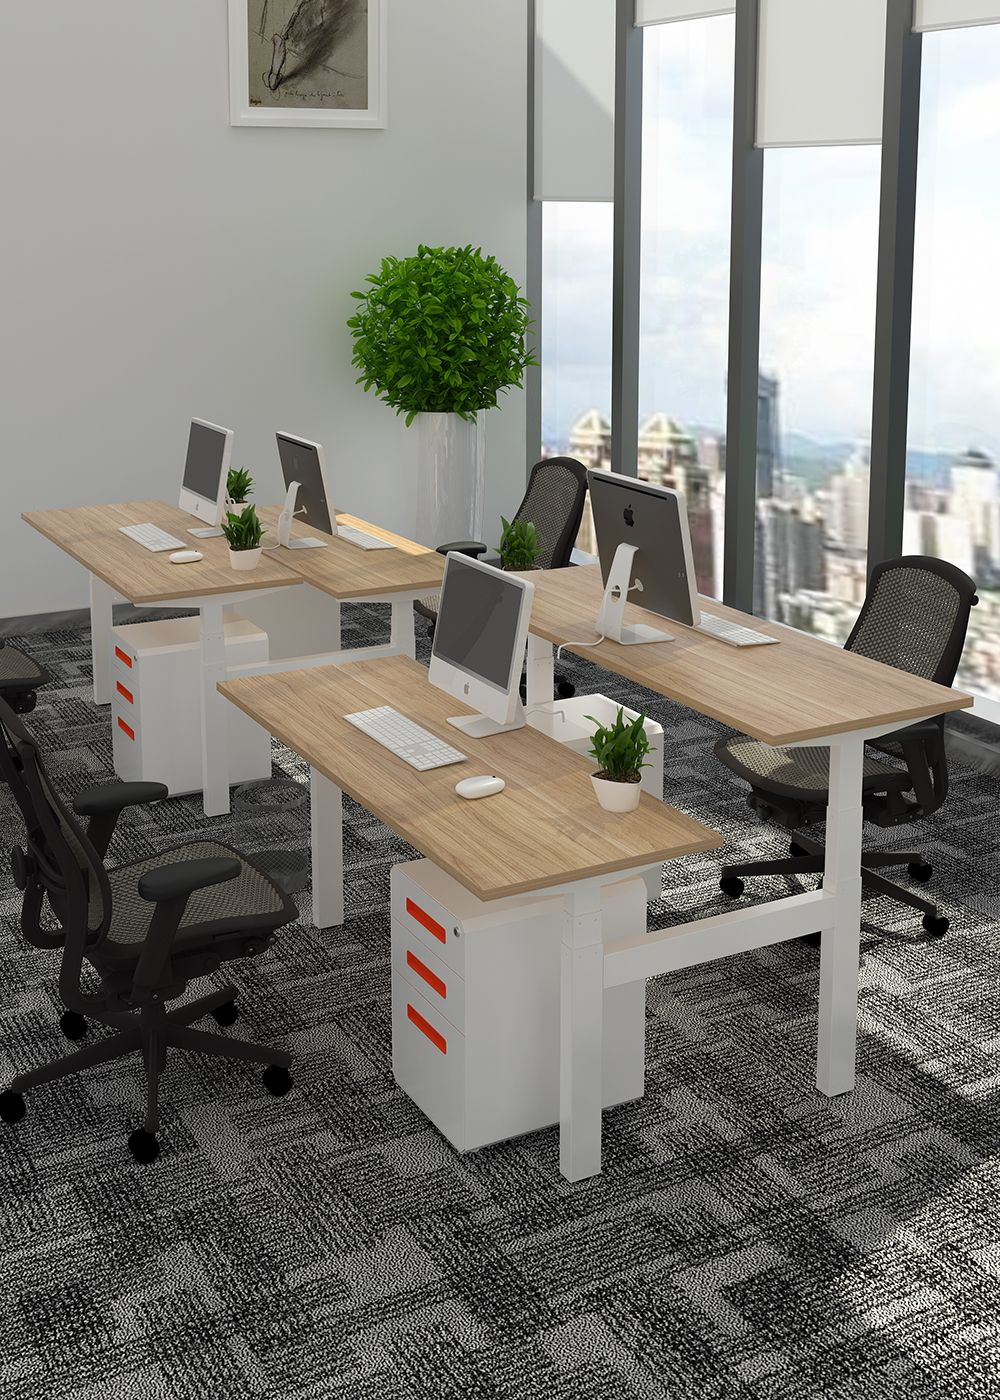 Pengcheng Weiye Office Furniture Height Adjustable Desks Will